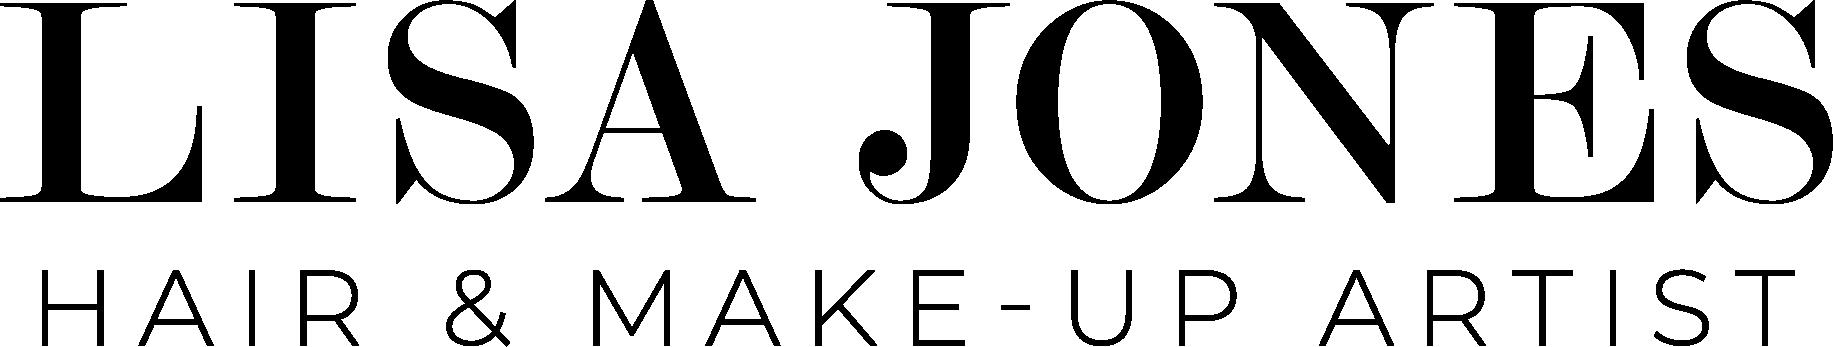 Lisa Jones Hair & Make-up Artist - Logo